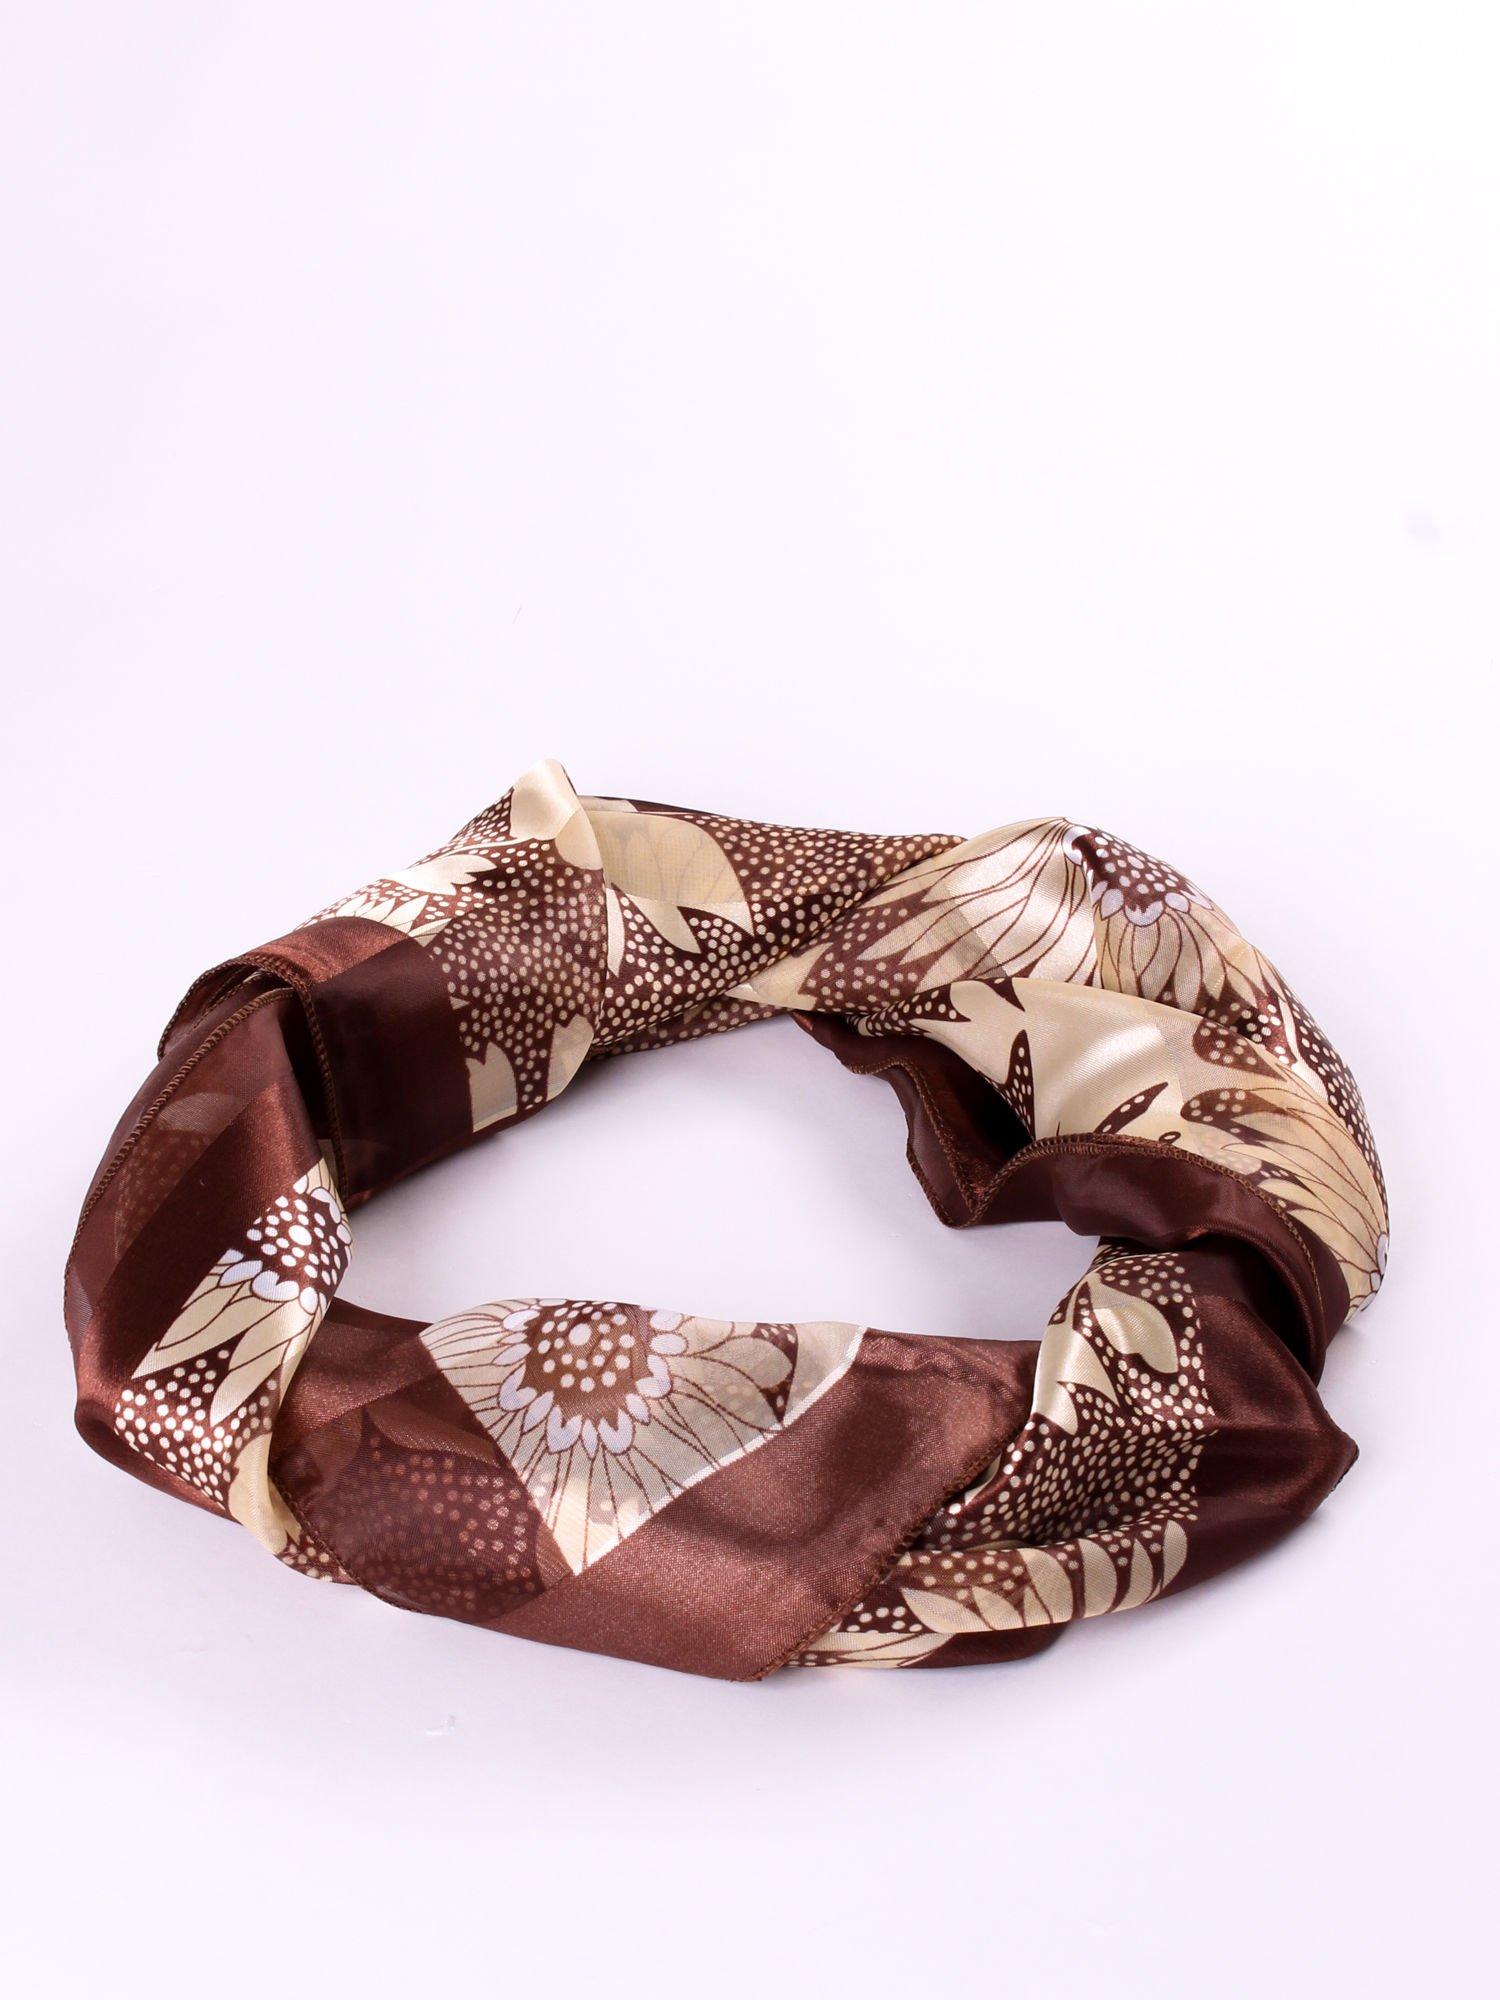 Brązowa chusta apaszka w kropki z nadrukiem kwiatów                                  zdj.                                  2